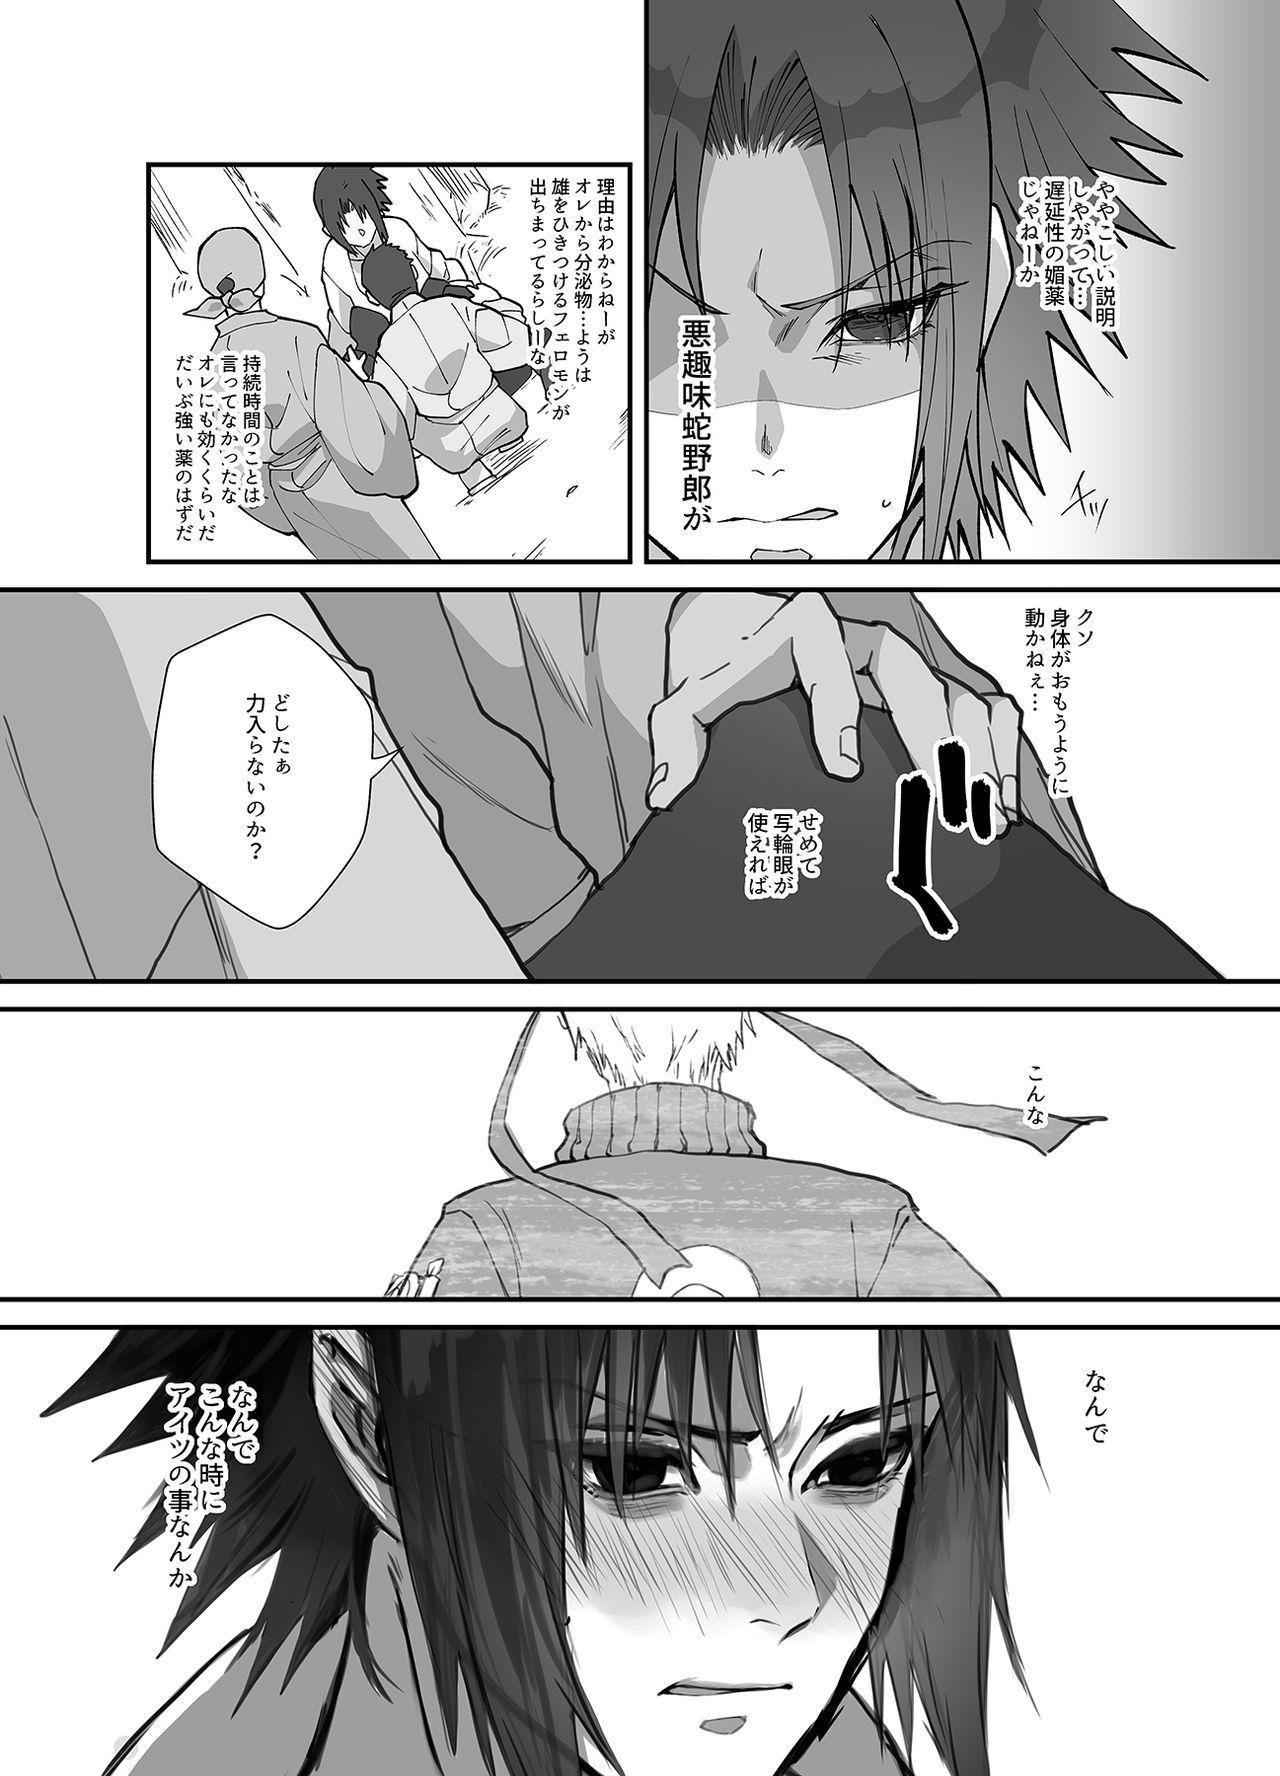 NaruSasu Only Kaisei Omedetougozaimasu! 5